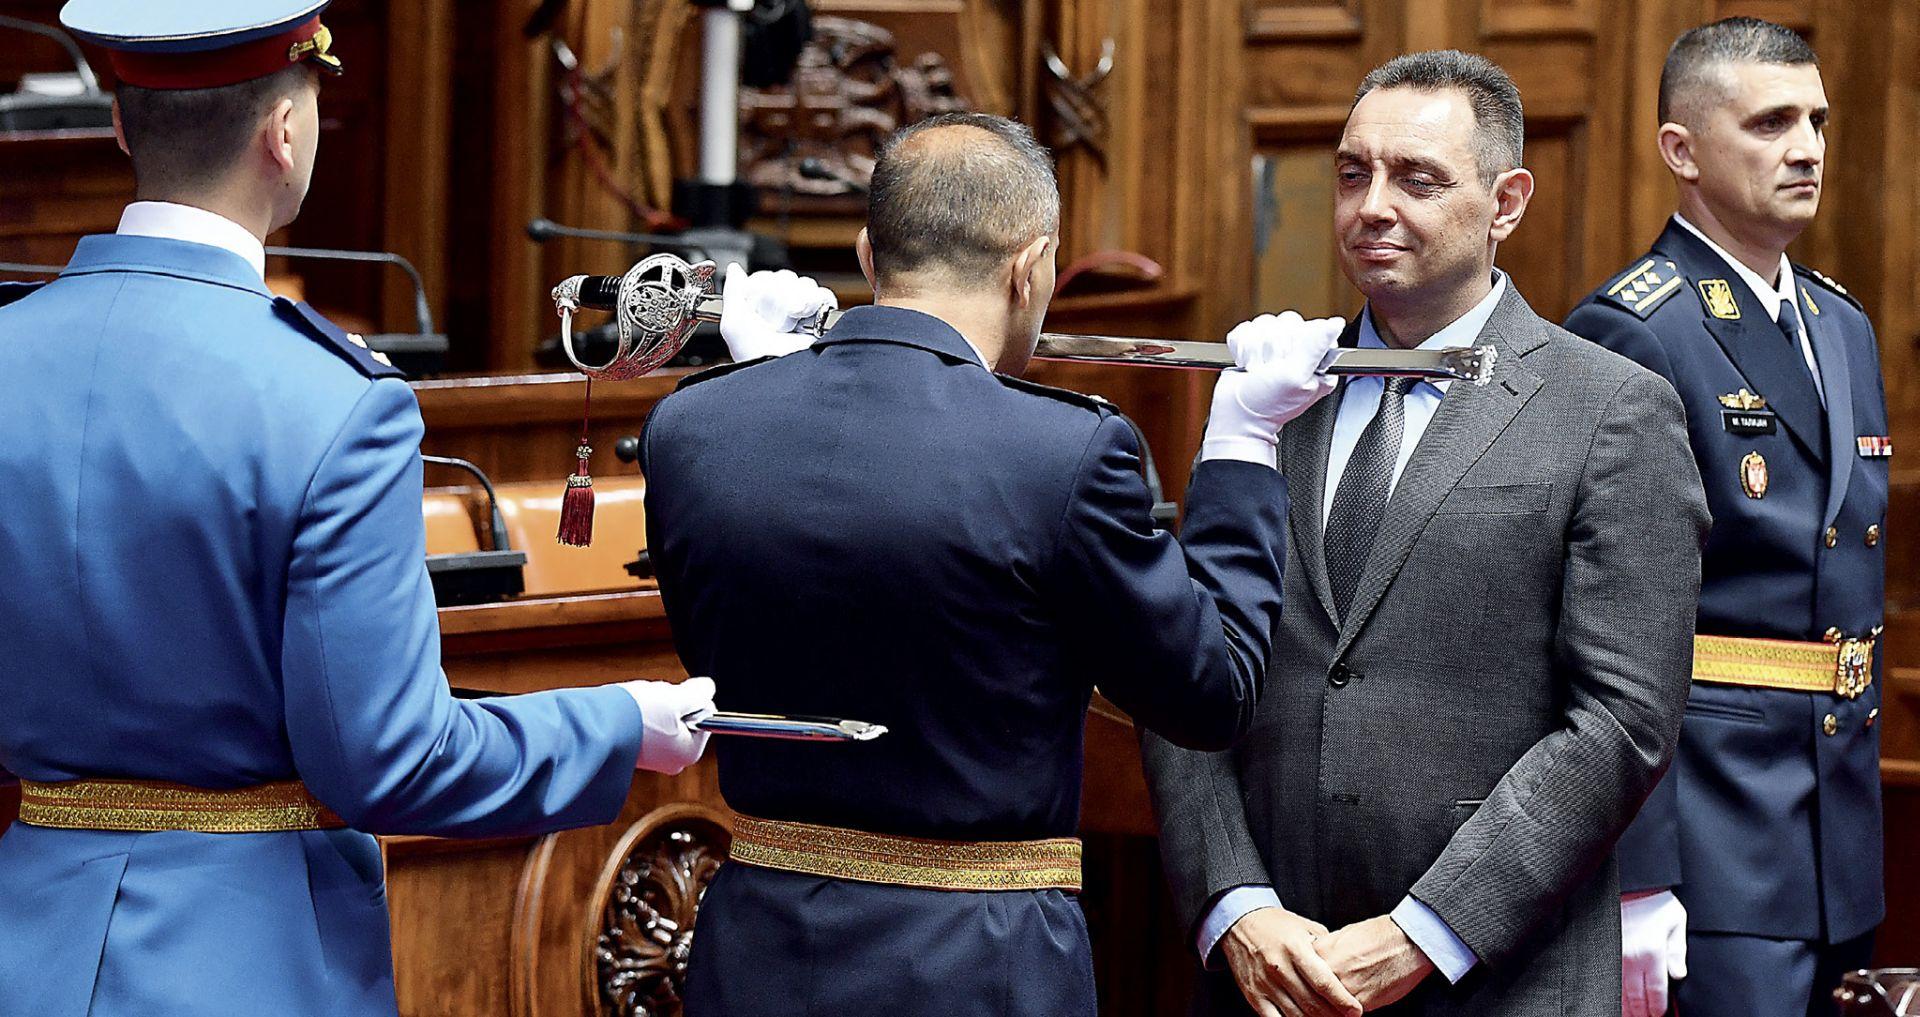 Ratni huškač i Vučićev čovjek za sijanje mržnje preuzeo srpsko Ministarstvo obrane